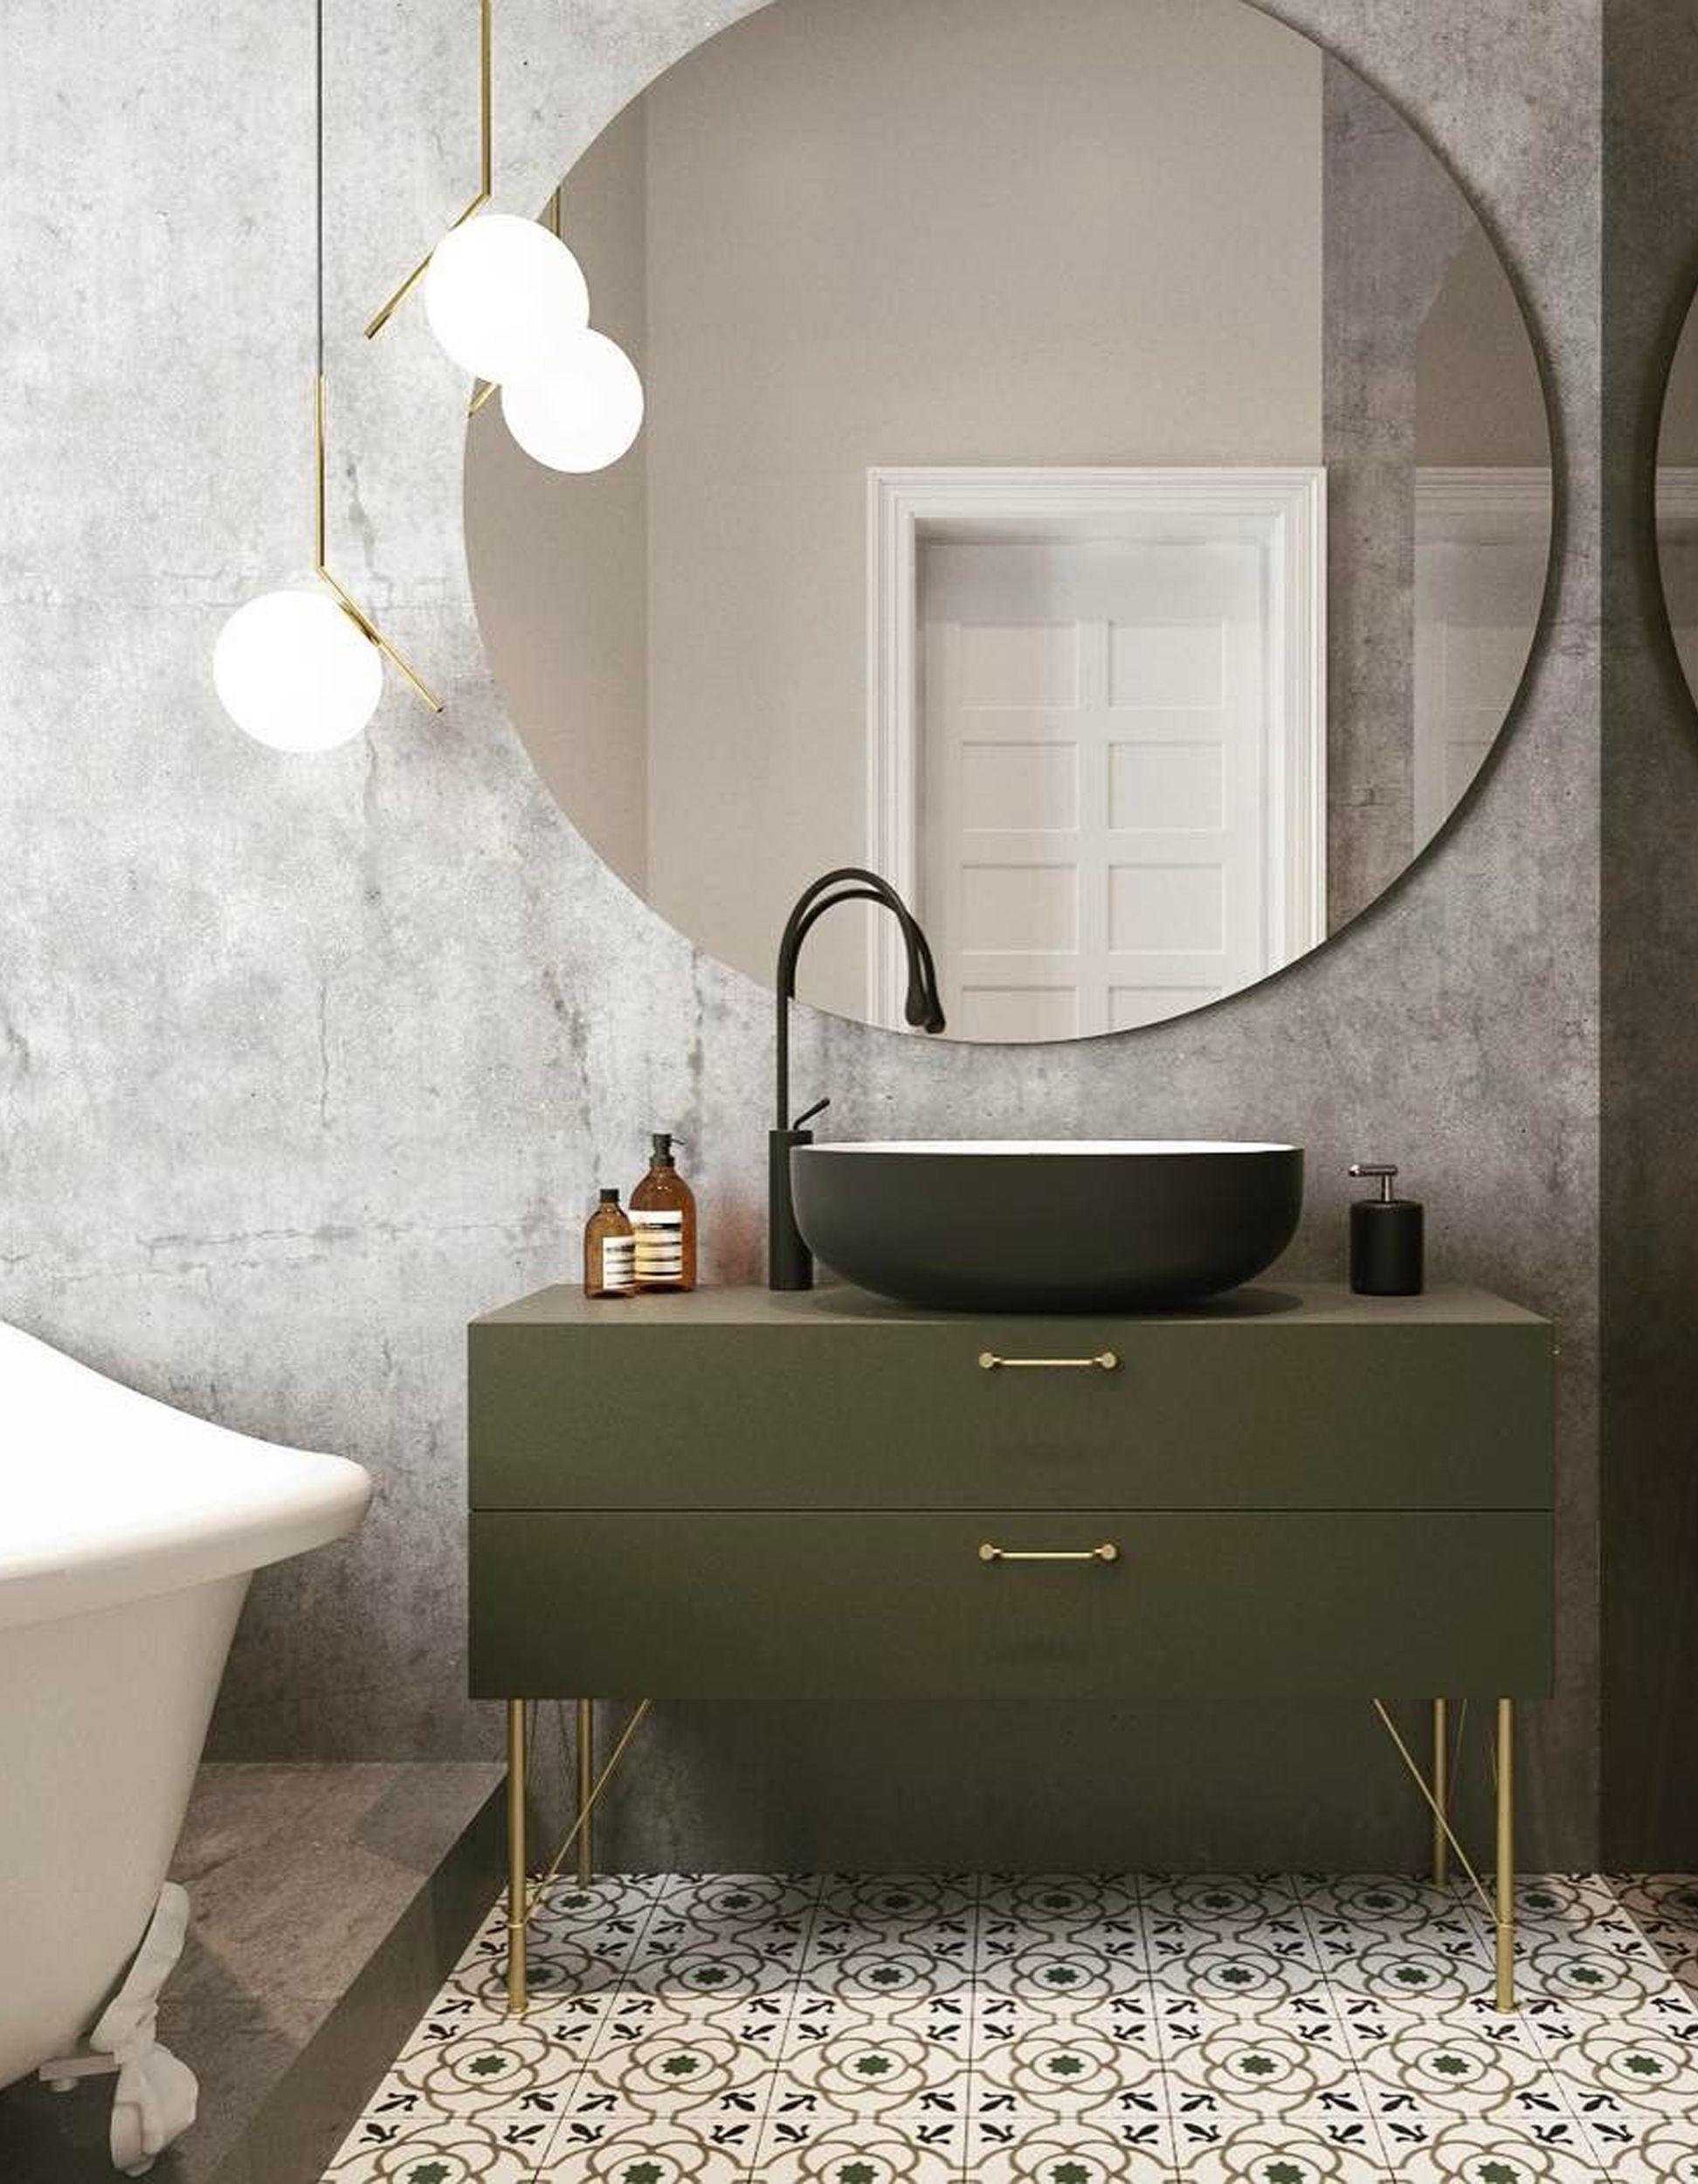 le miroir rond cet indispensable d co nos int rieurs. Black Bedroom Furniture Sets. Home Design Ideas